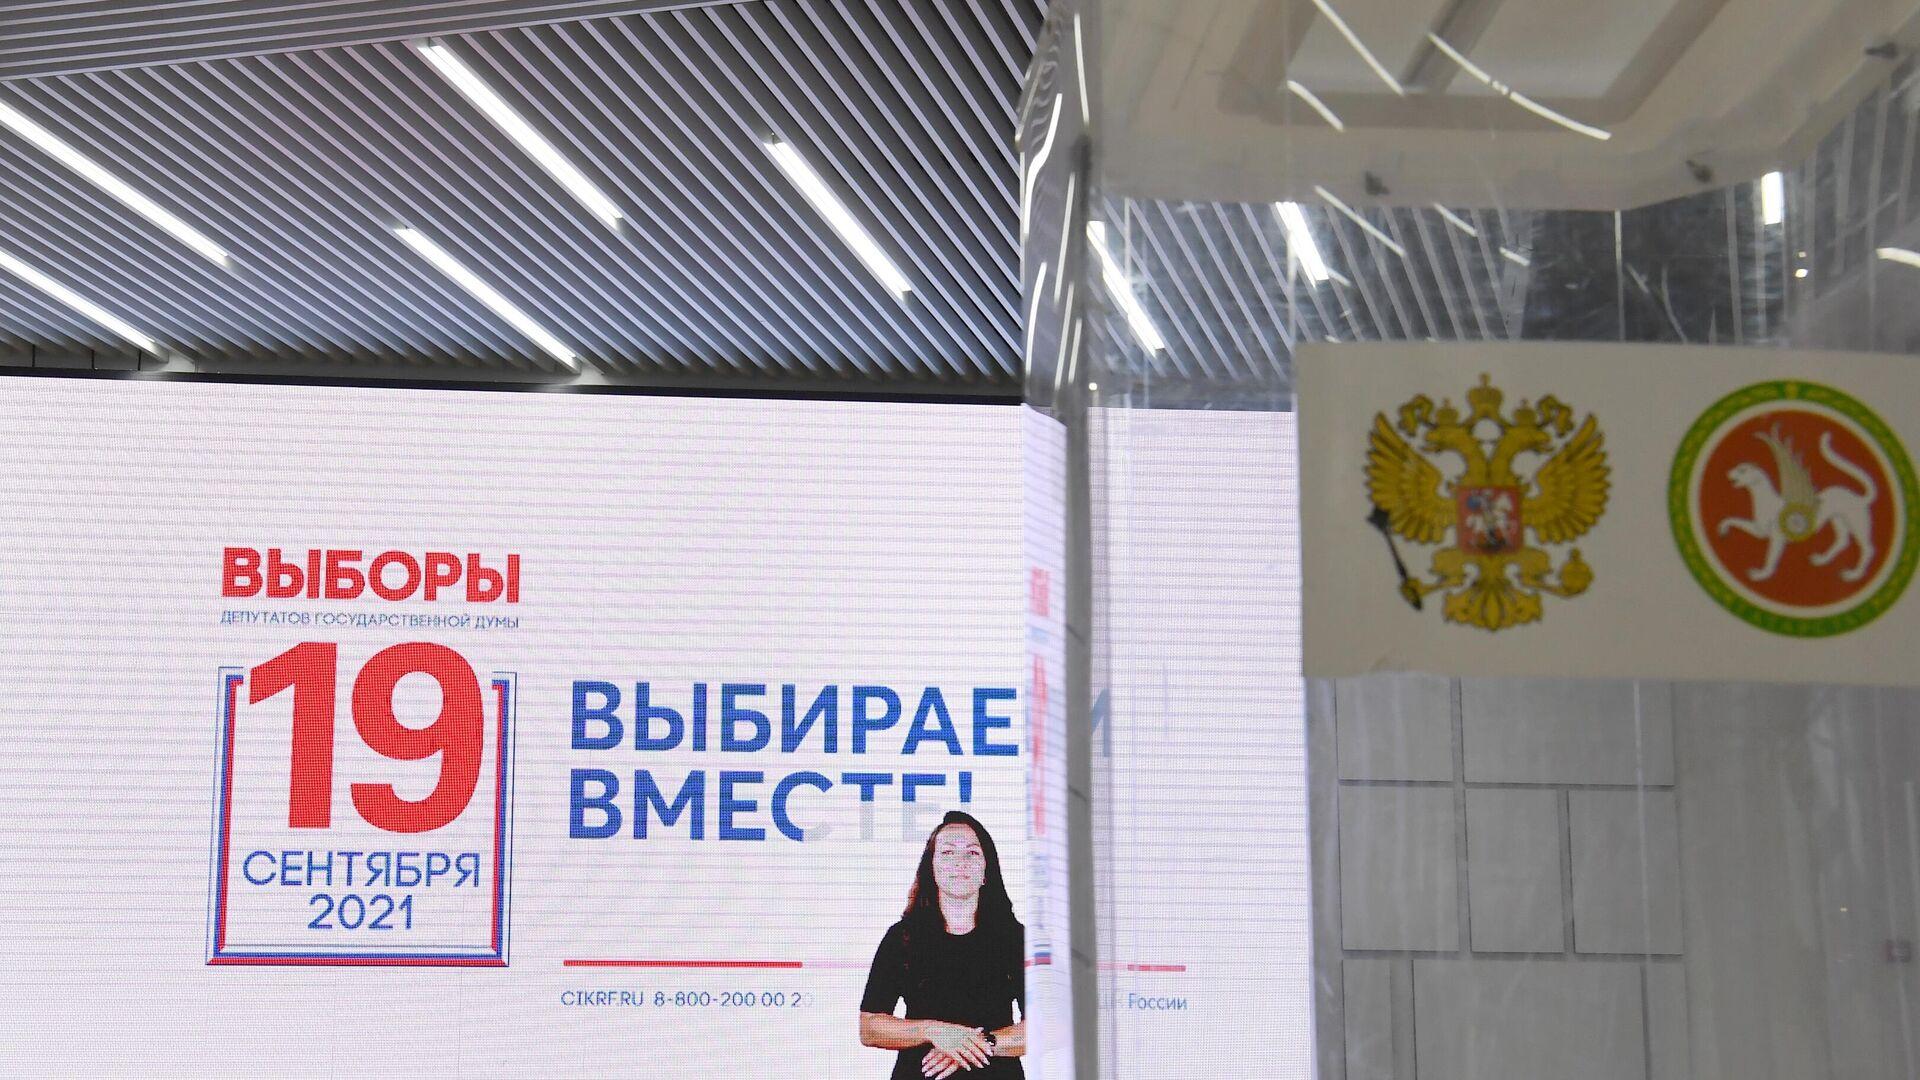 Презентация работы участковой избирательной комиссии в преддверии выборов депутатов Государственной Думы - РИА Новости, 1920, 15.09.2021